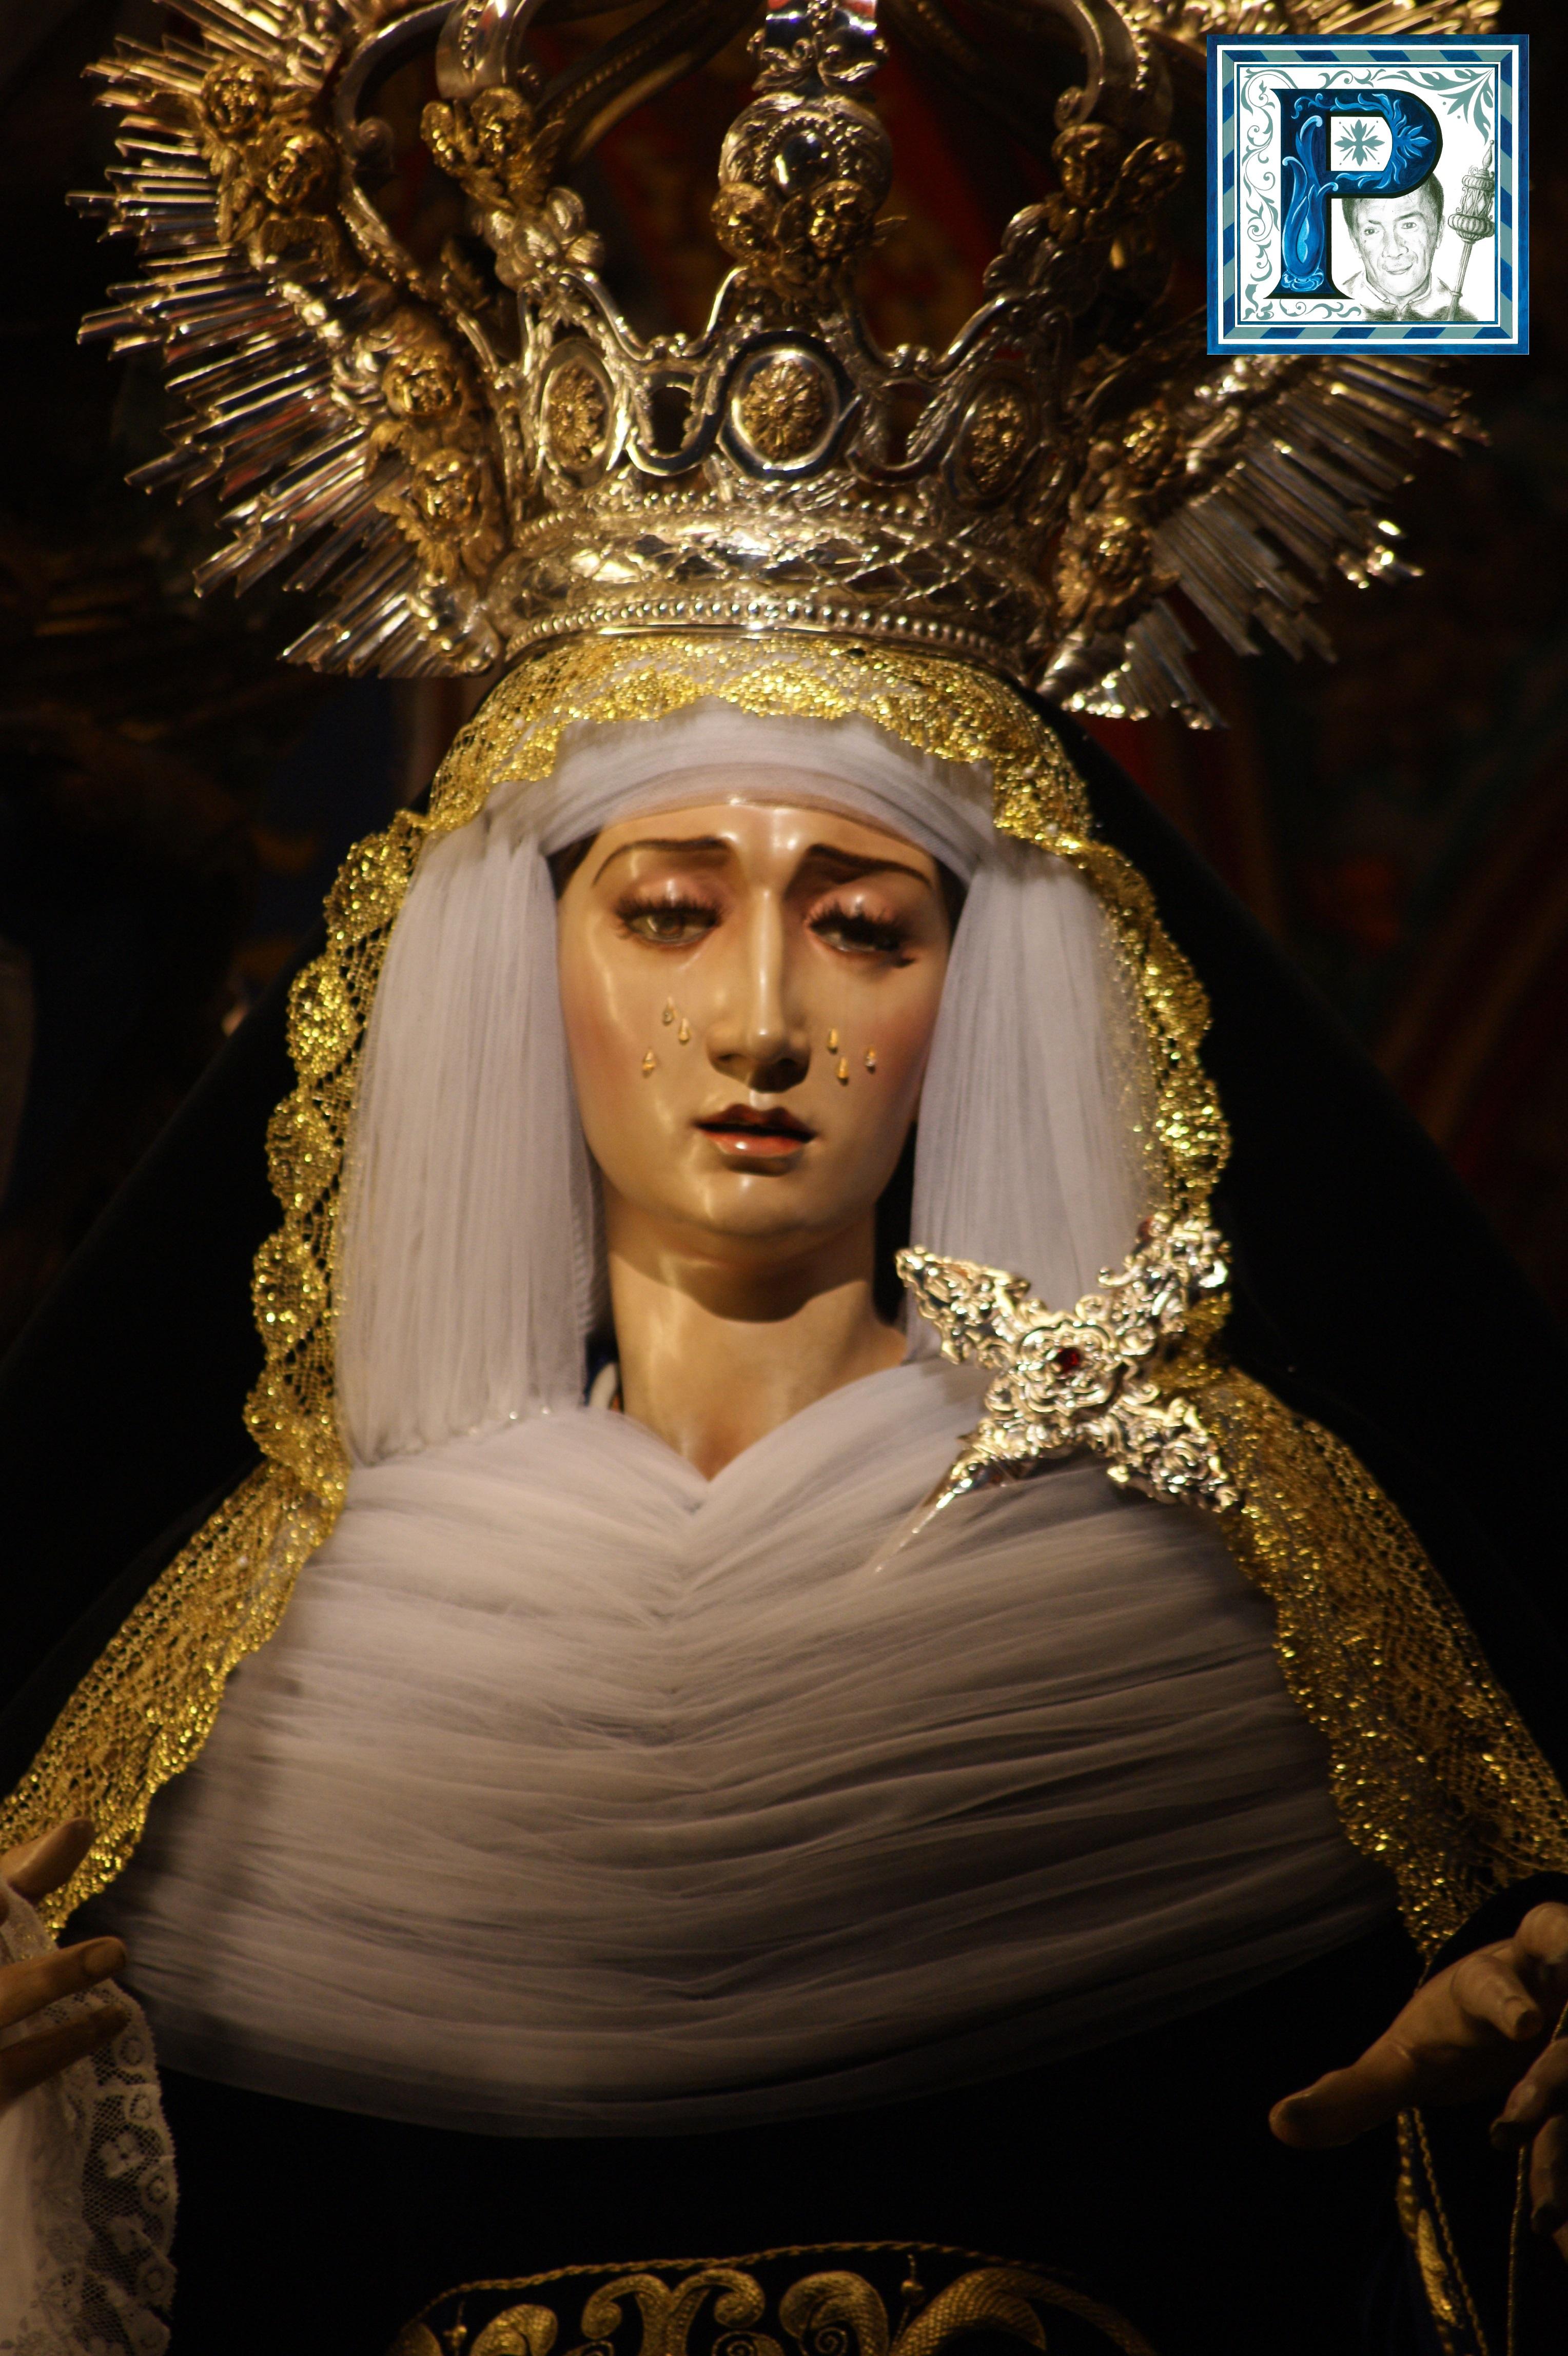 La Virgen del Desconsuelo y del Silencio ataviadas para la festividad de los Fieles Difuntos